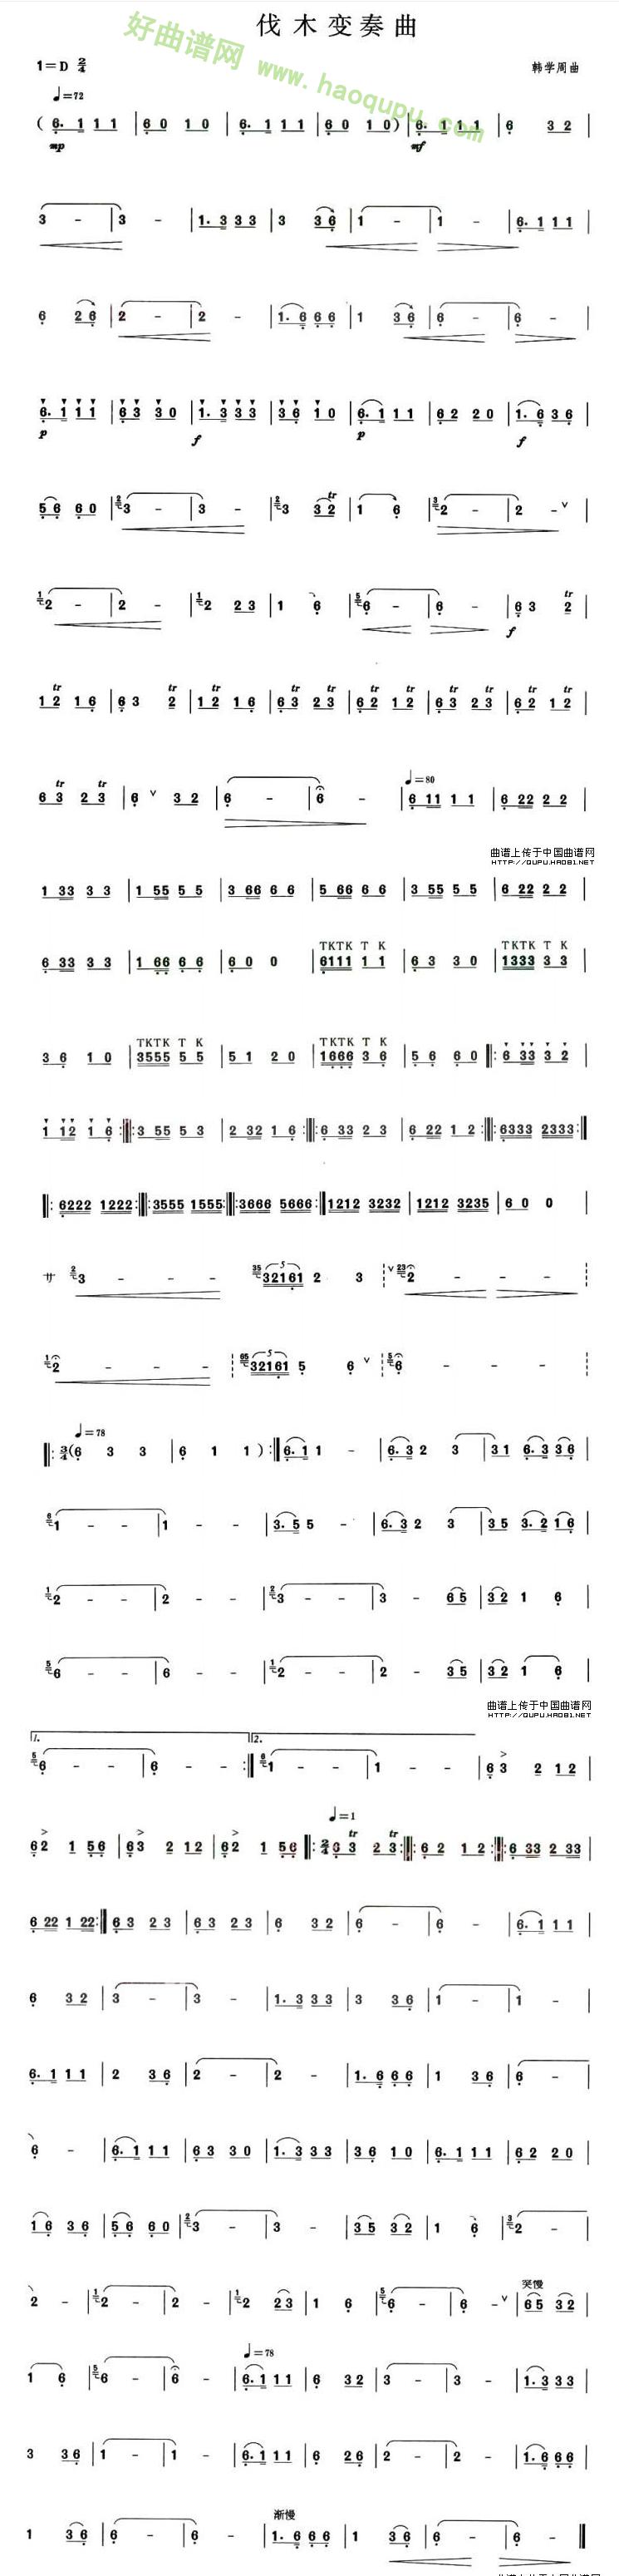 《伐木变奏曲》(葫芦丝谱)葫芦丝曲谱第1张